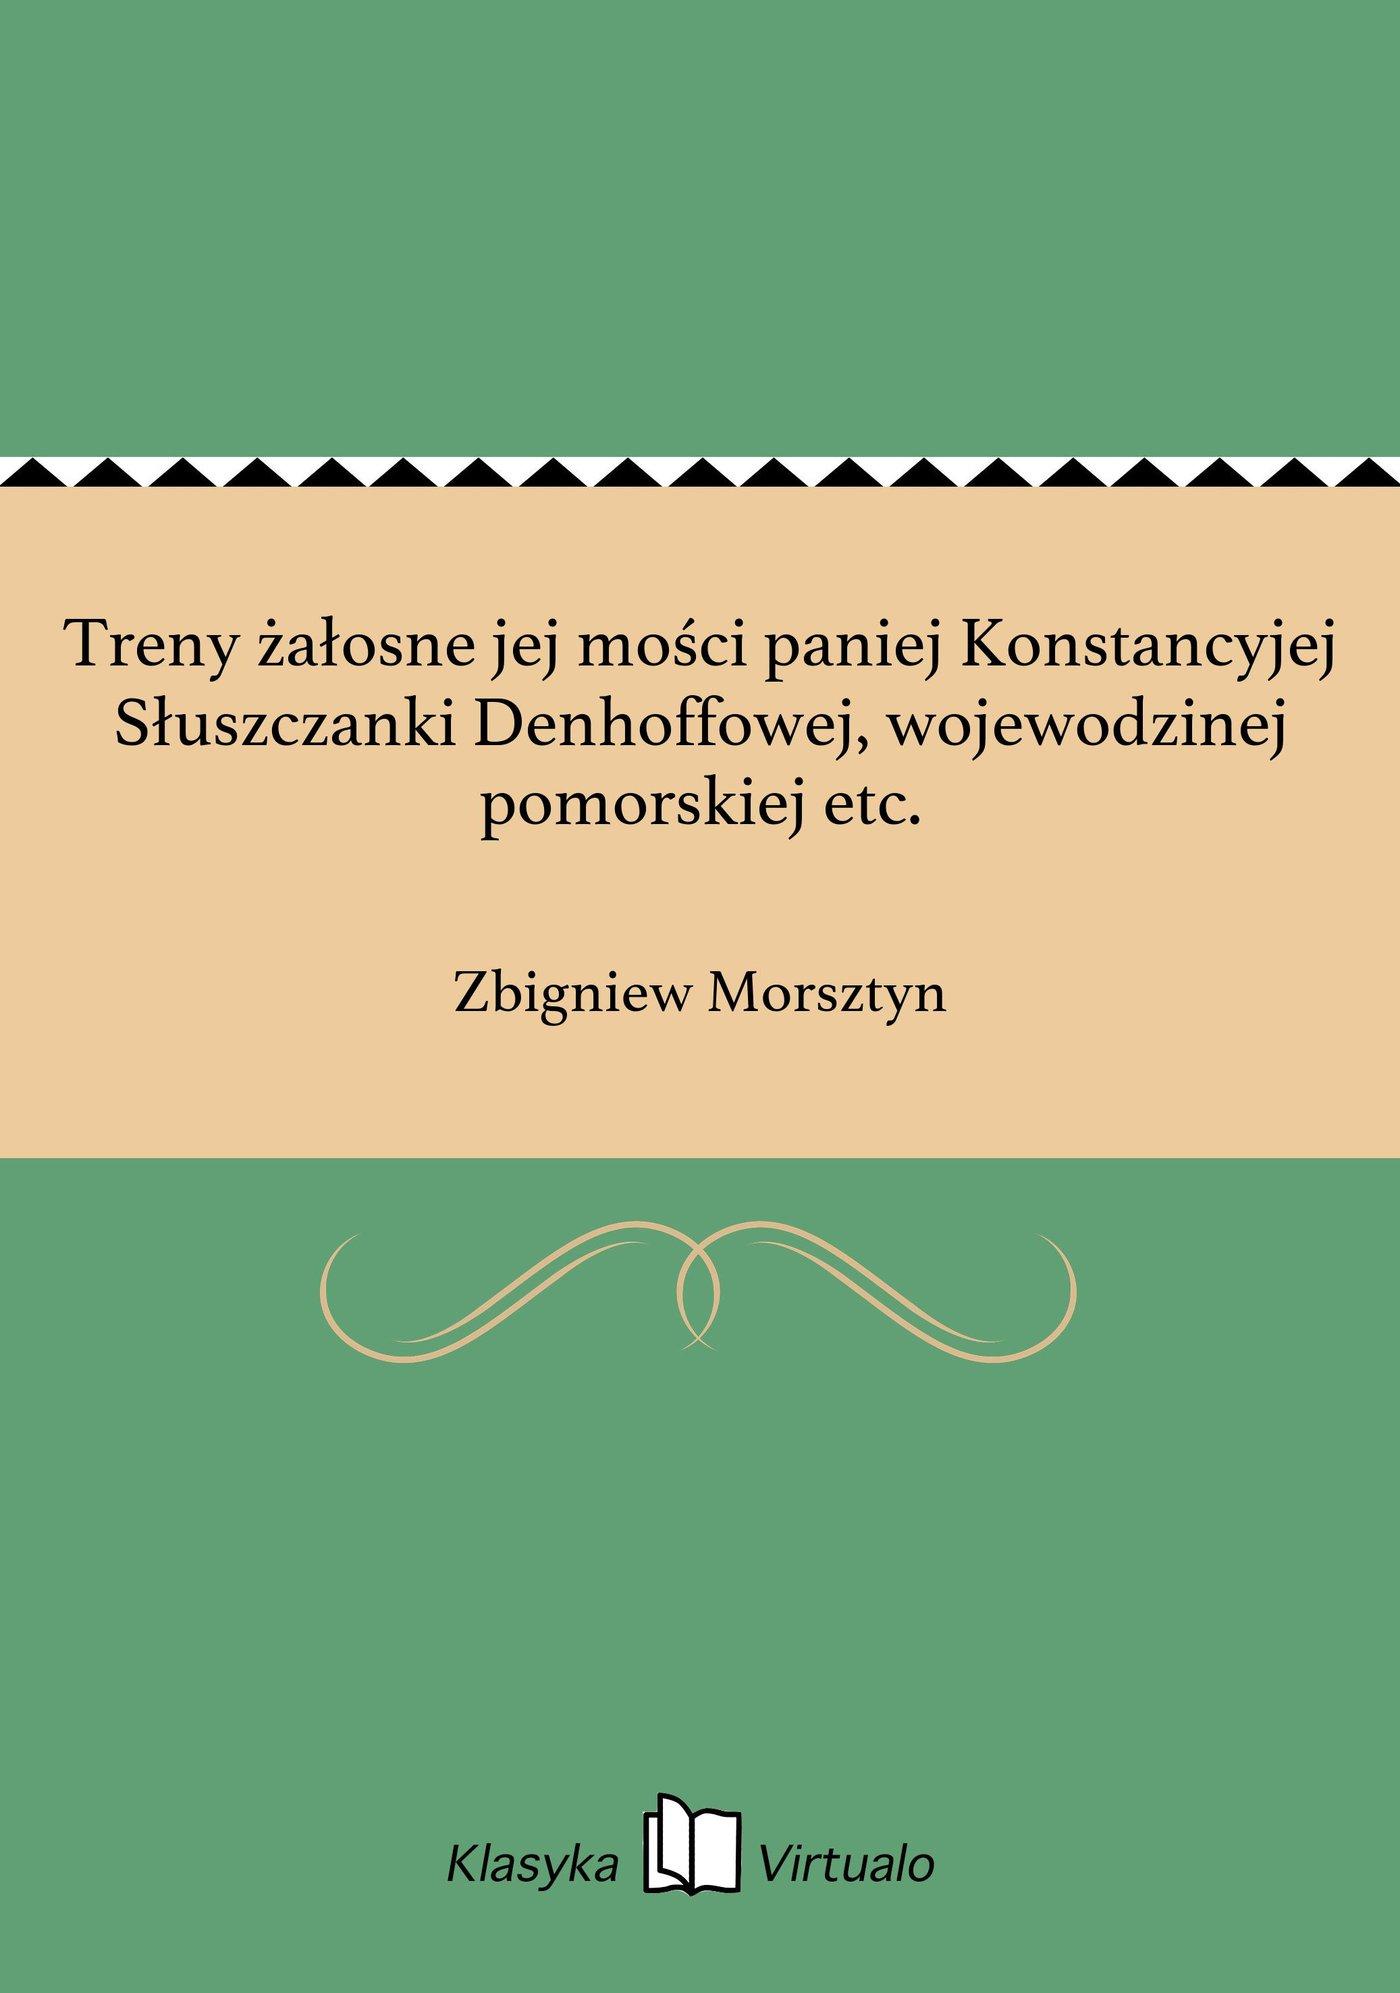 Treny żałosne jej mości paniej Konstancyjej Słuszczanki Denhoffowej, wojewodzinej pomorskiej etc. - Ebook (Książka EPUB) do pobrania w formacie EPUB